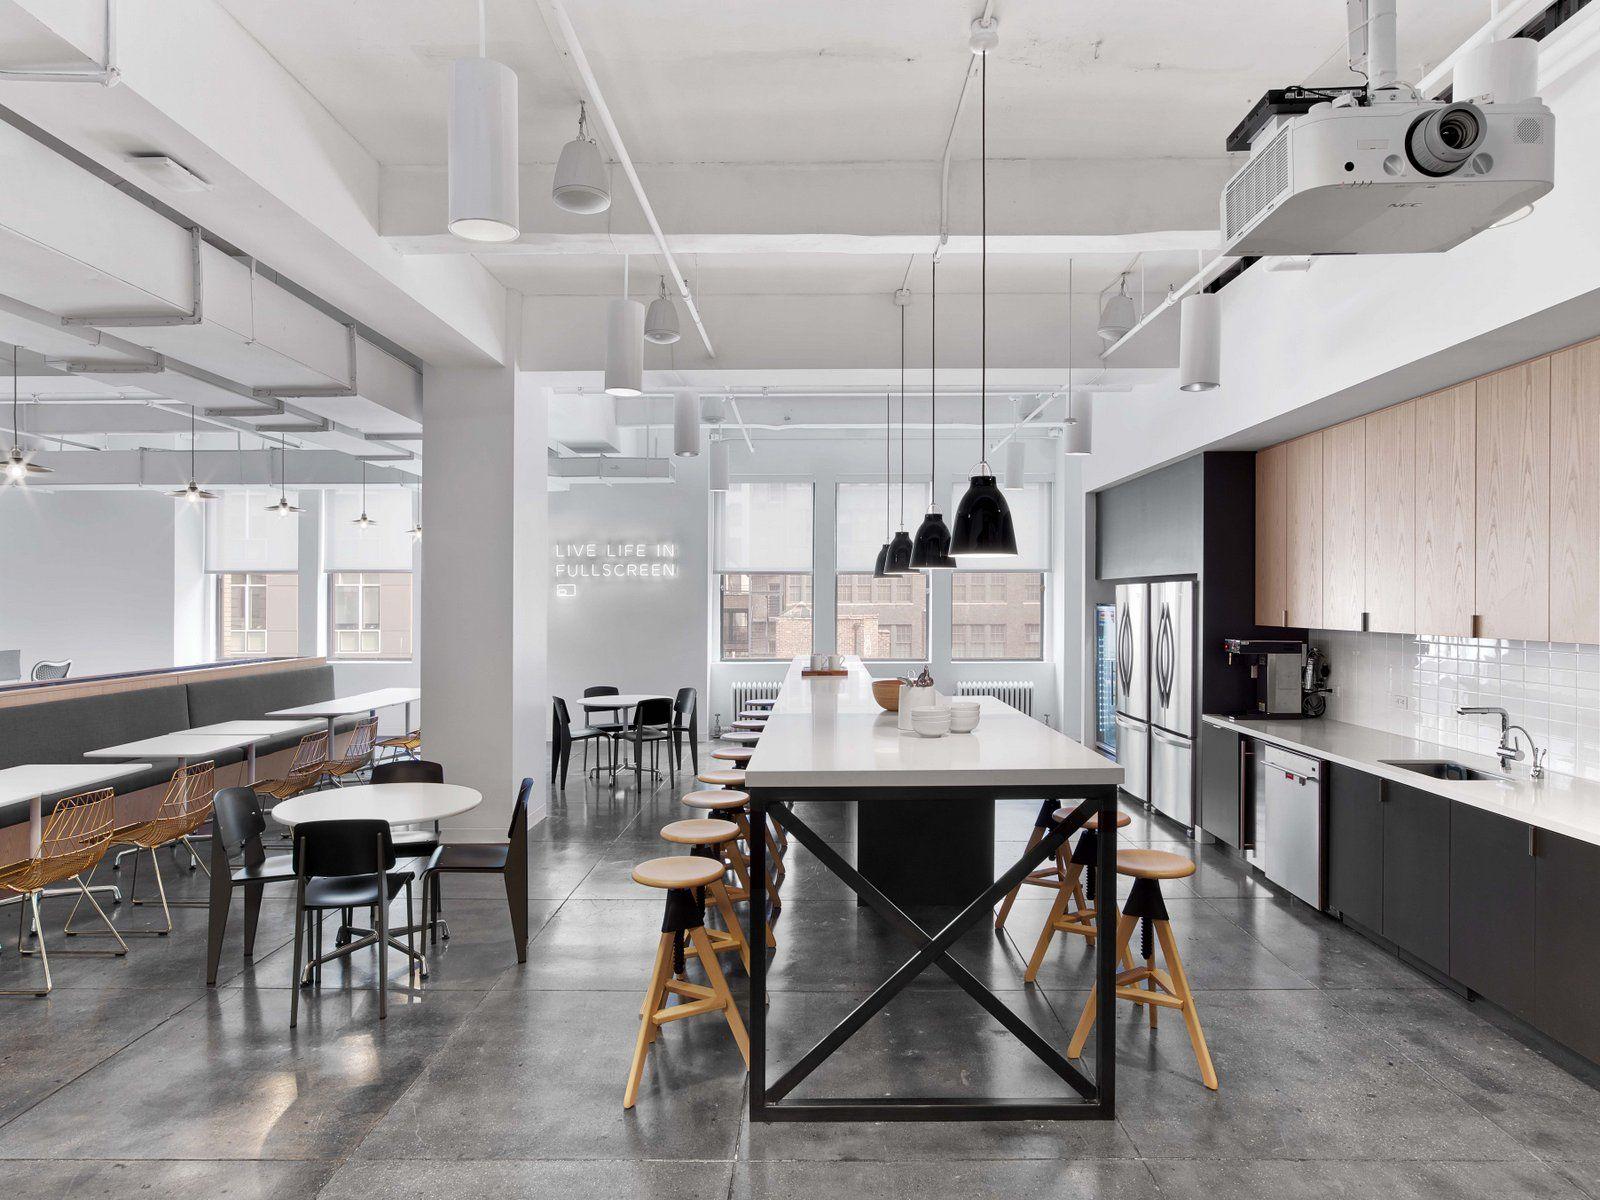 Office Tour Fullscreen Offices  New York City  Break